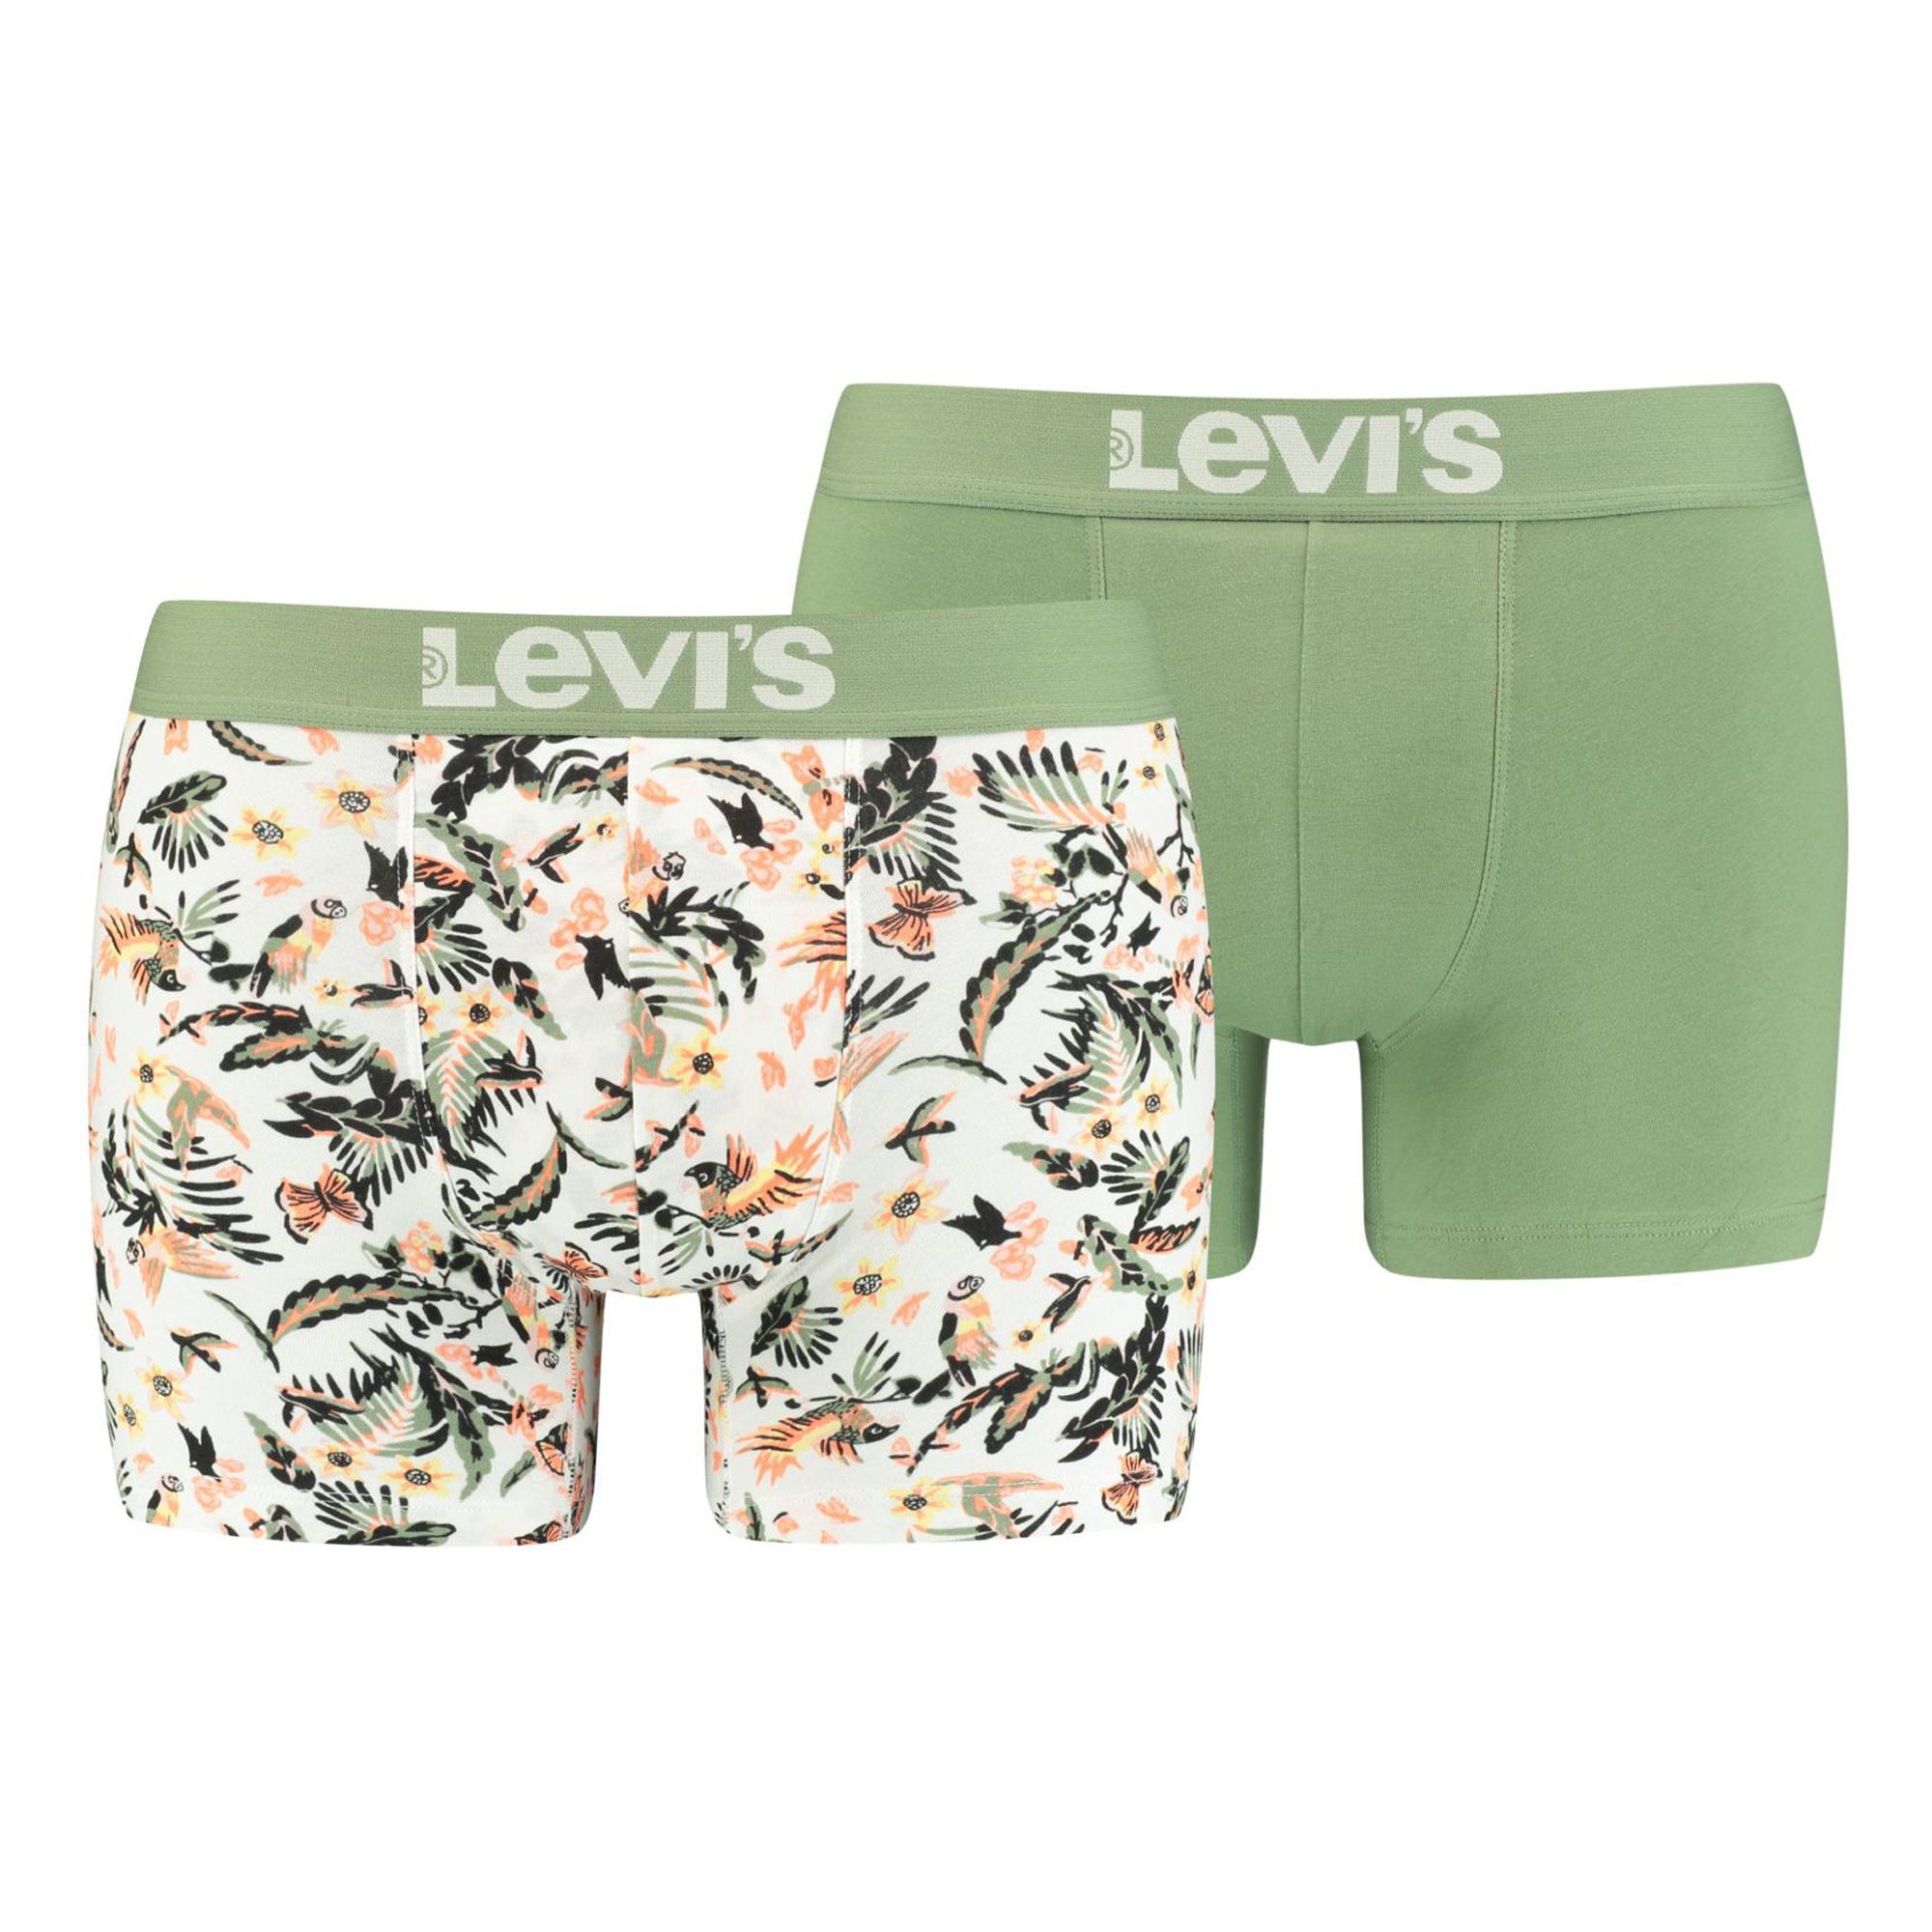 Sélection de sous-vêtements Levi's en promotion - Ex : Lot de 2 Boxers Levi's blanc cassé, kaki et corail